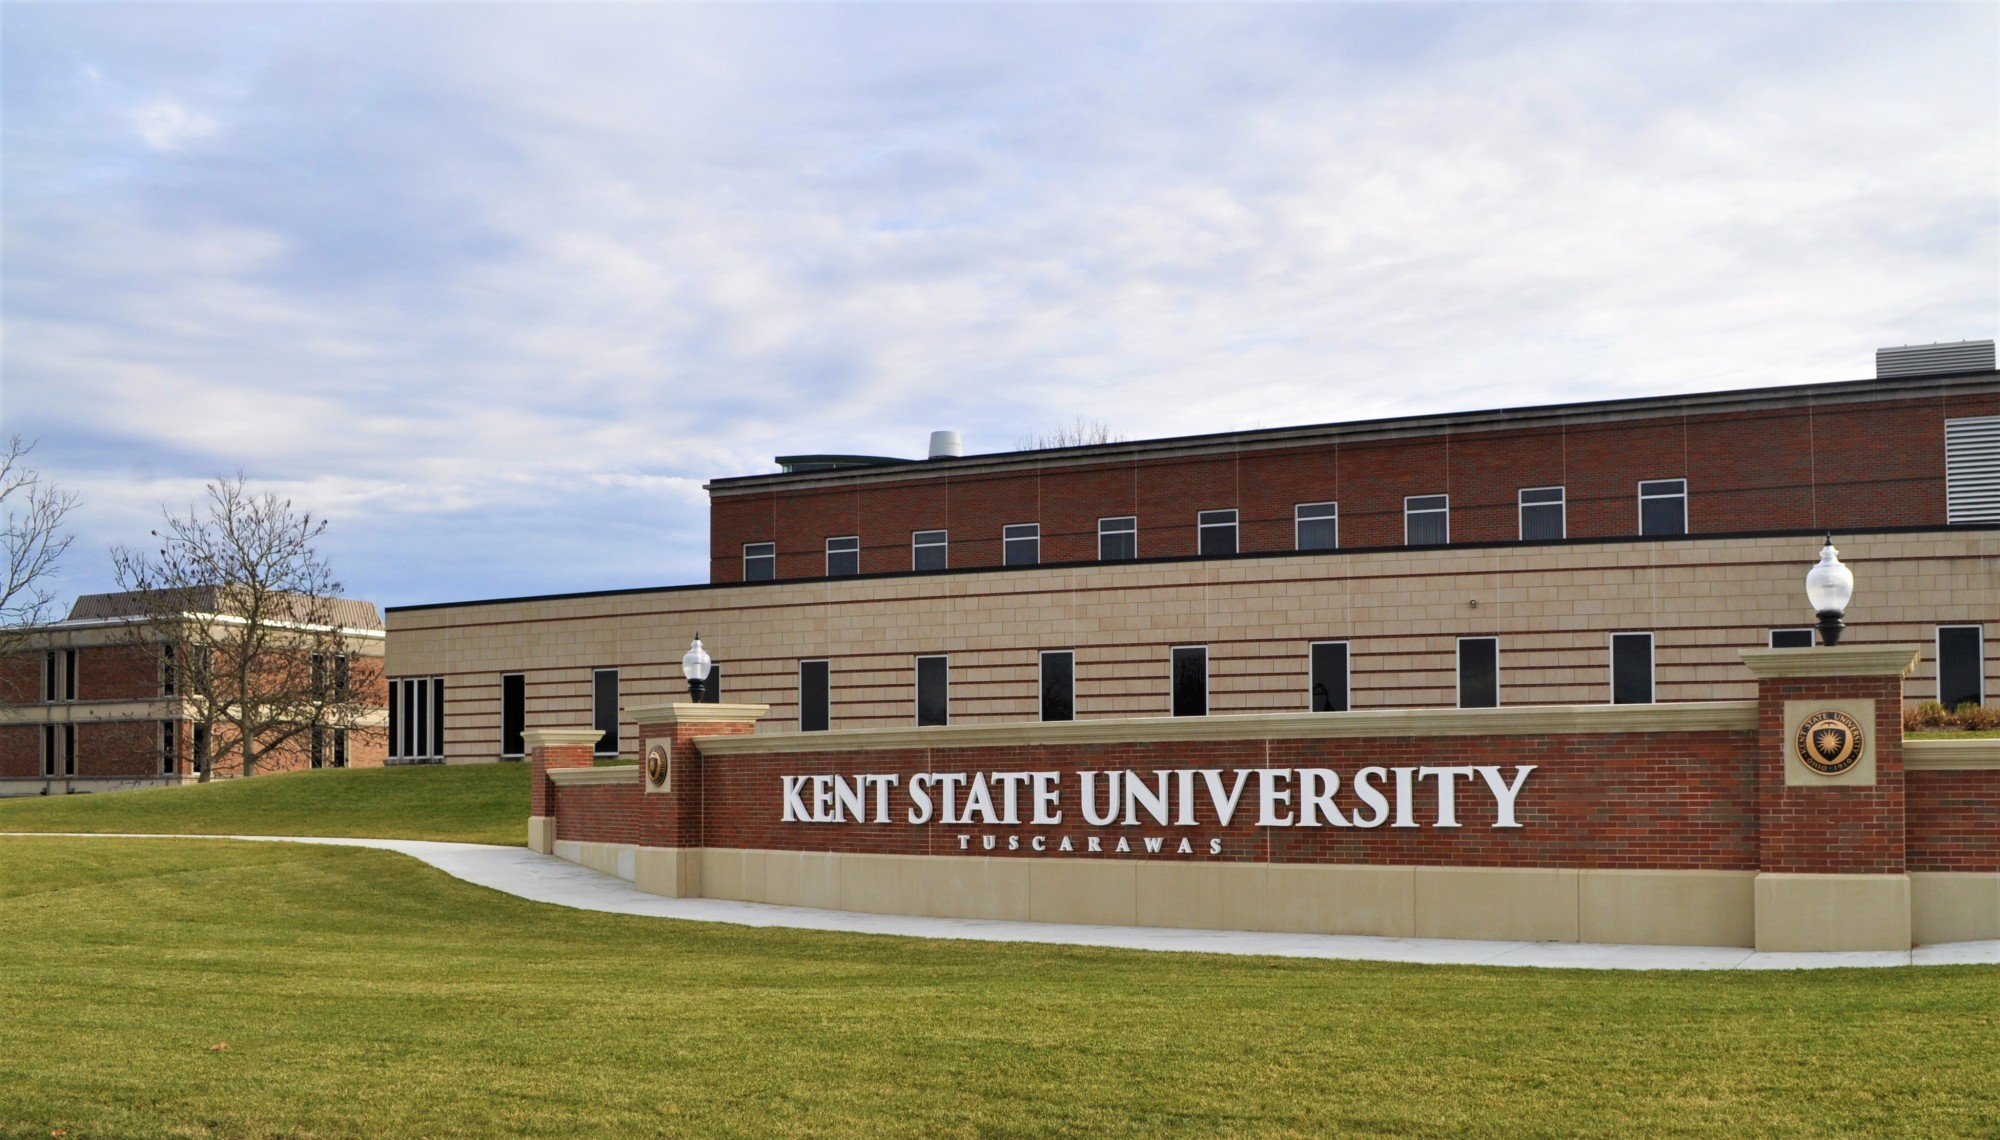 Kent State University - Tuscarawas Campus